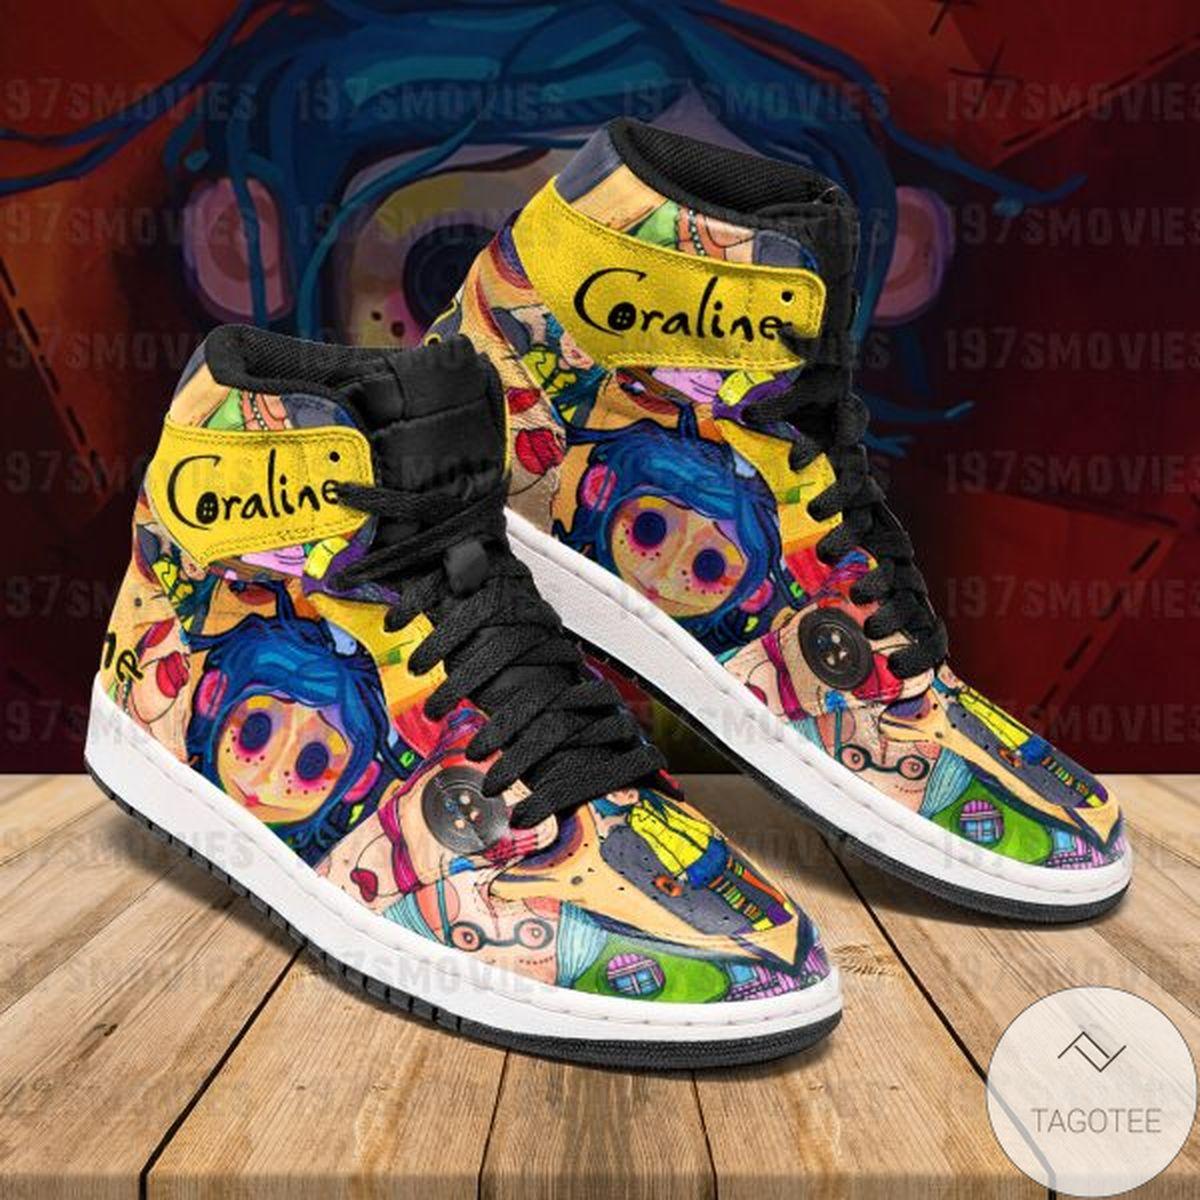 Free Ship Coraline Sneaker Air Jordan High Top Shoes